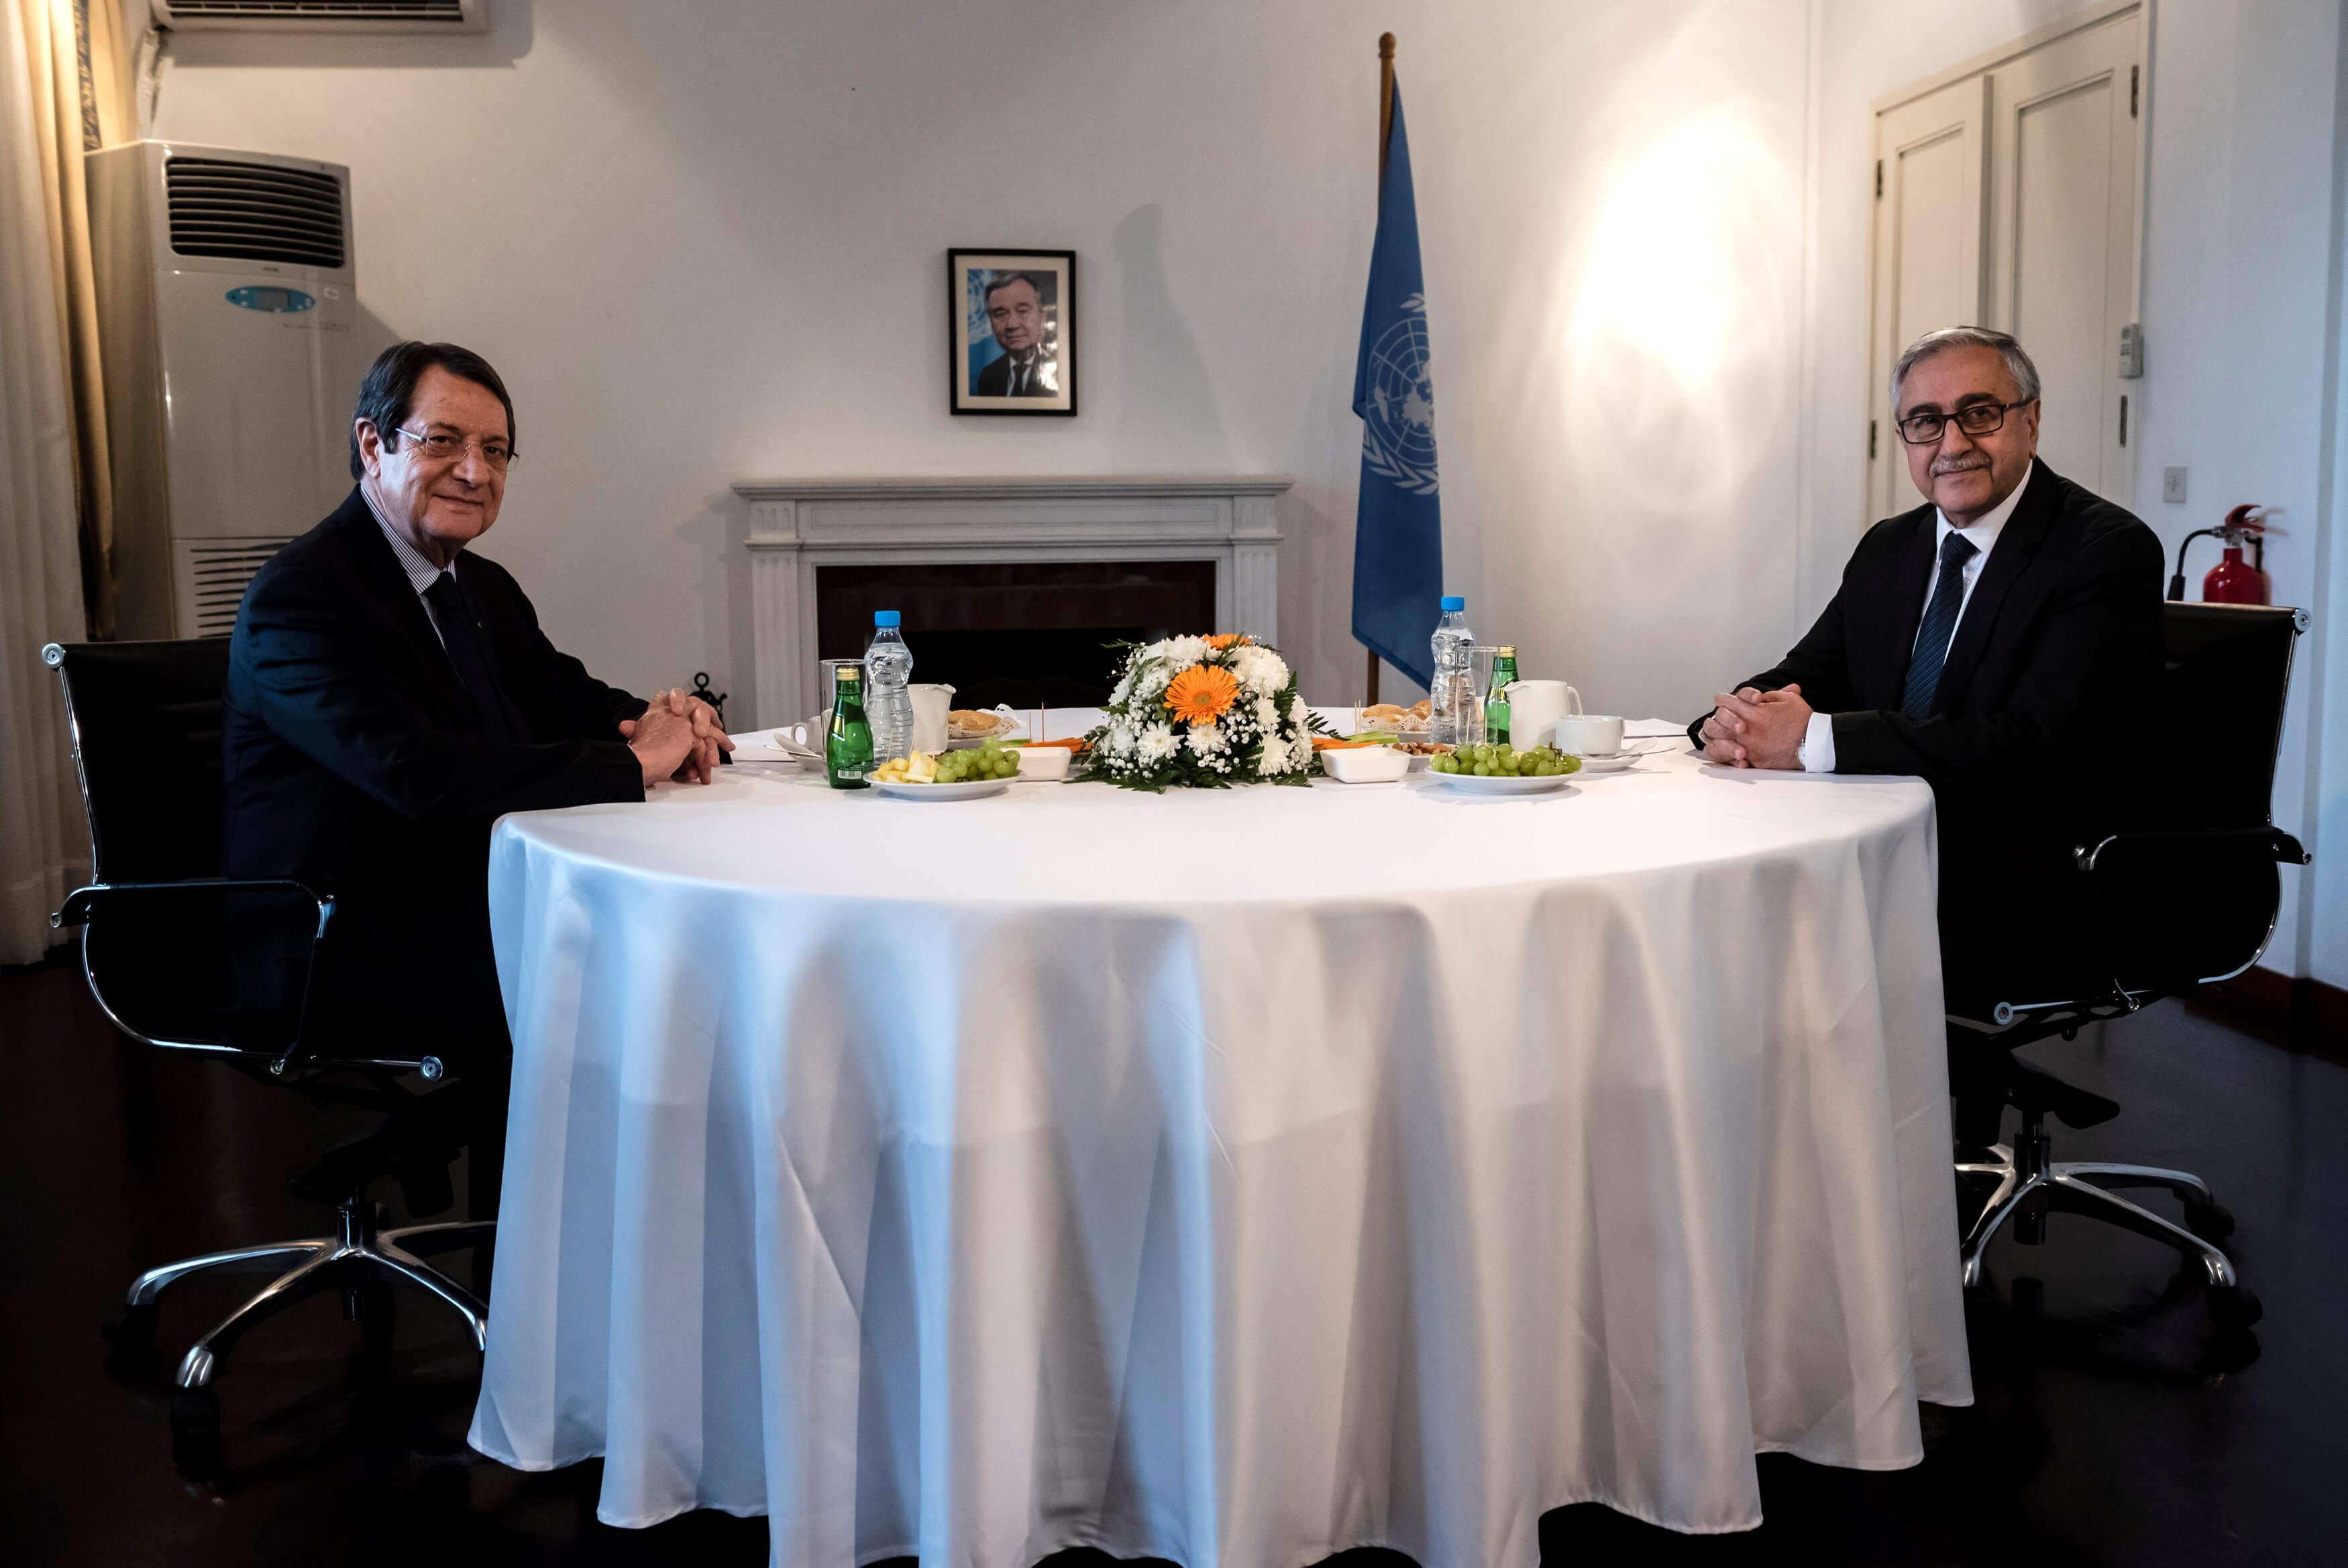 Κύπρος: Θετικό κλίμα αλλά χωρίς συμφωνία στη συνάντηση Αναστασιάδη – Ακιντζί